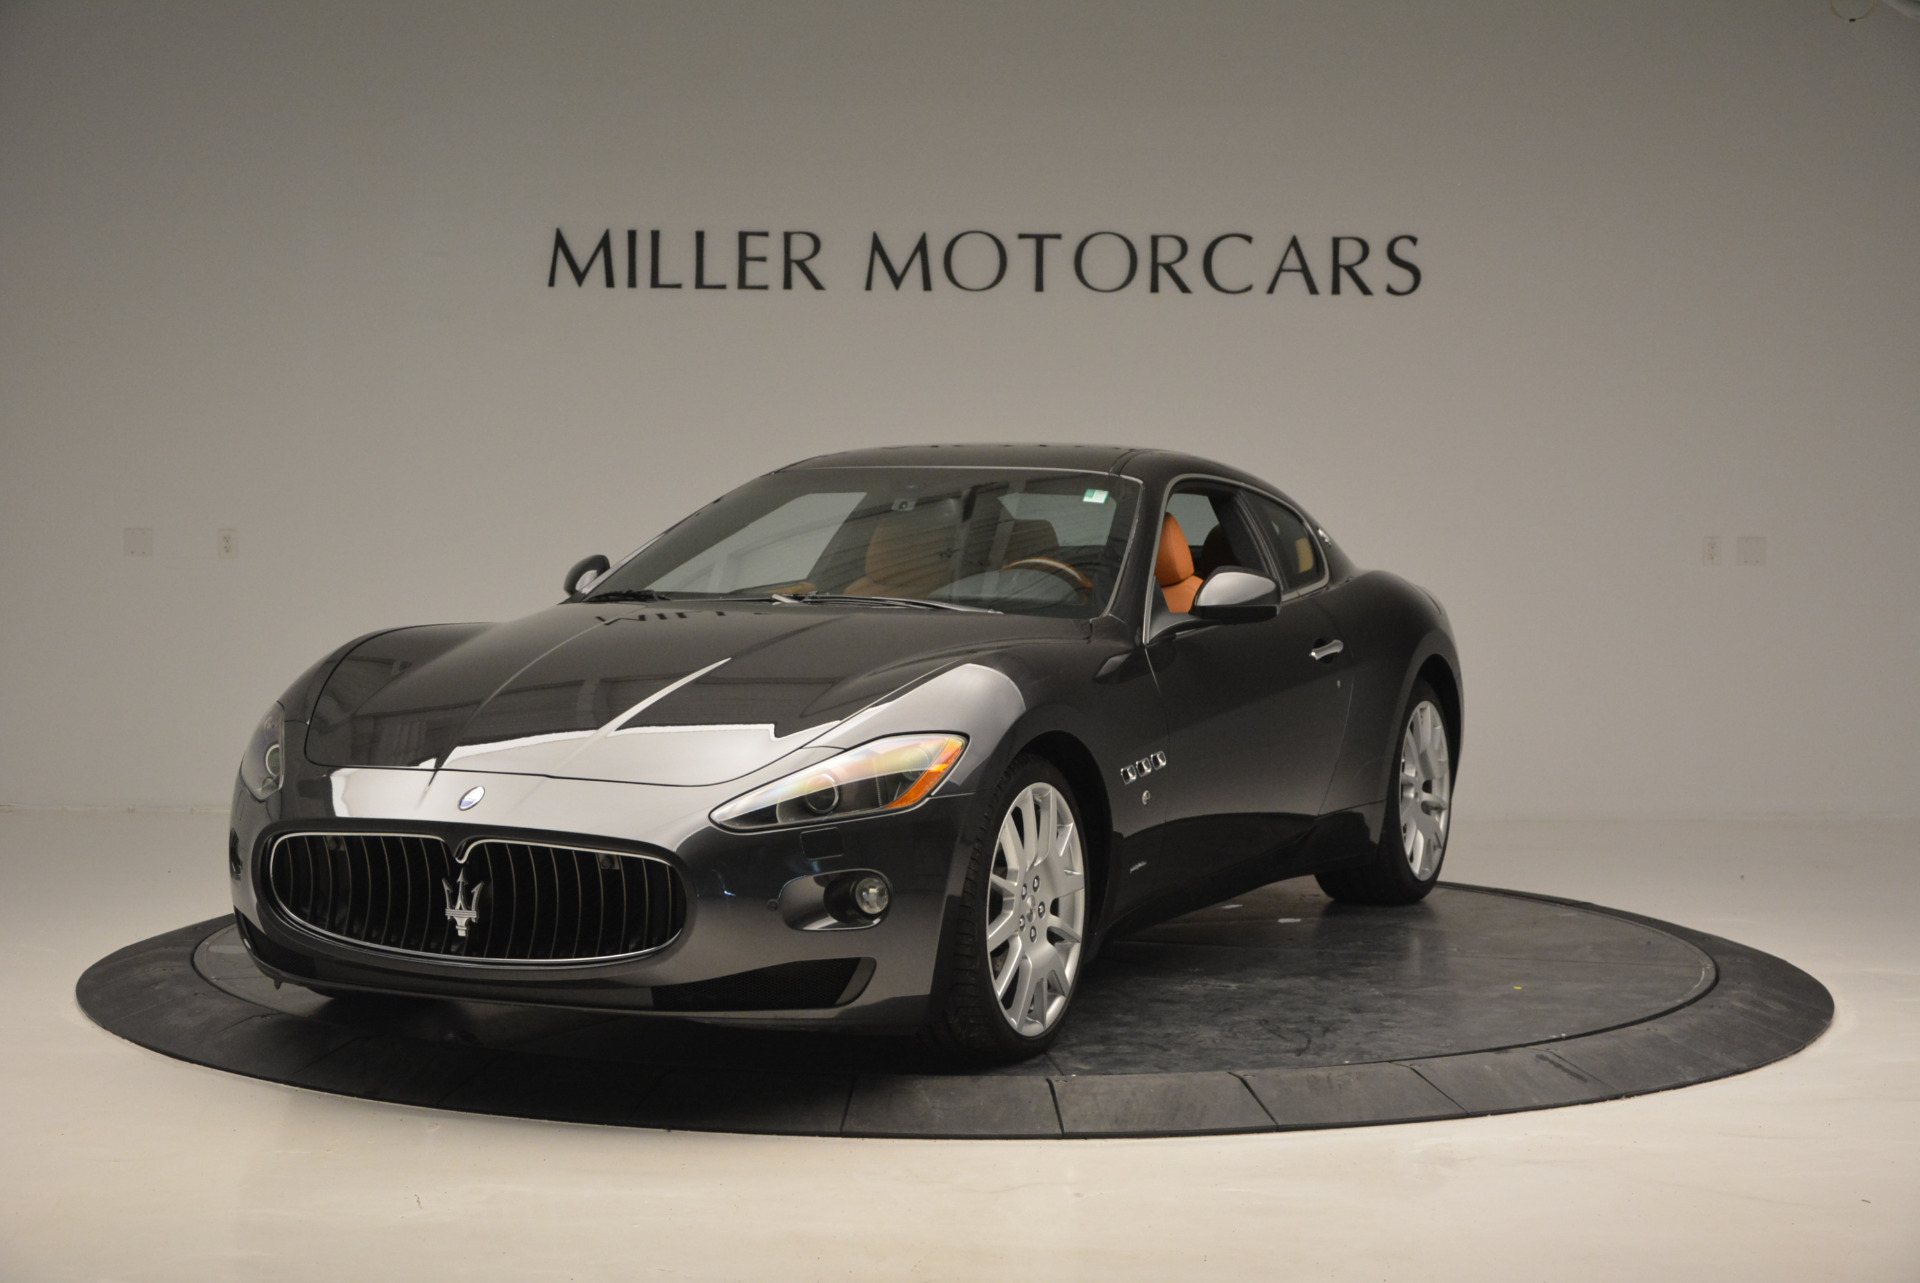 Used 2011 Maserati GranTurismo for sale Sold at Aston Martin of Greenwich in Greenwich CT 06830 1